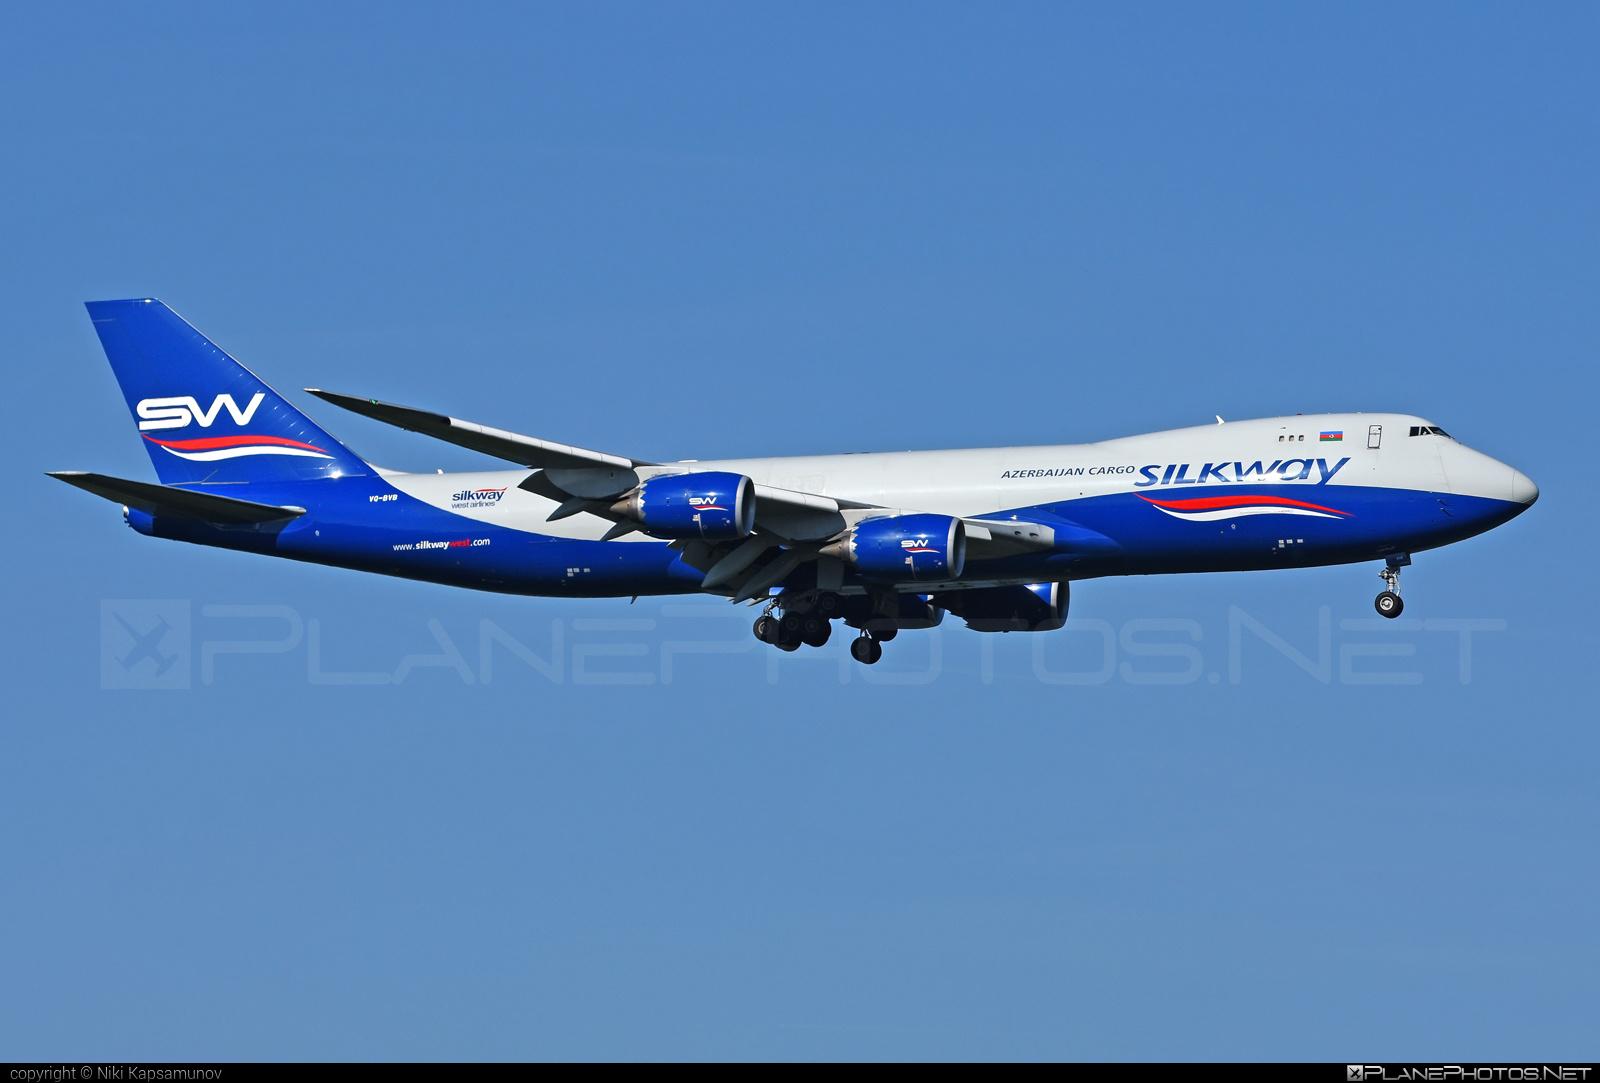 Boeing 747-8F - VQ-BVB operated by Silk Way West Airlines #b747 #b747f #b747freighter #boeing #boeing747 #jumbo #silkwayairlines #silkwaywestairlines